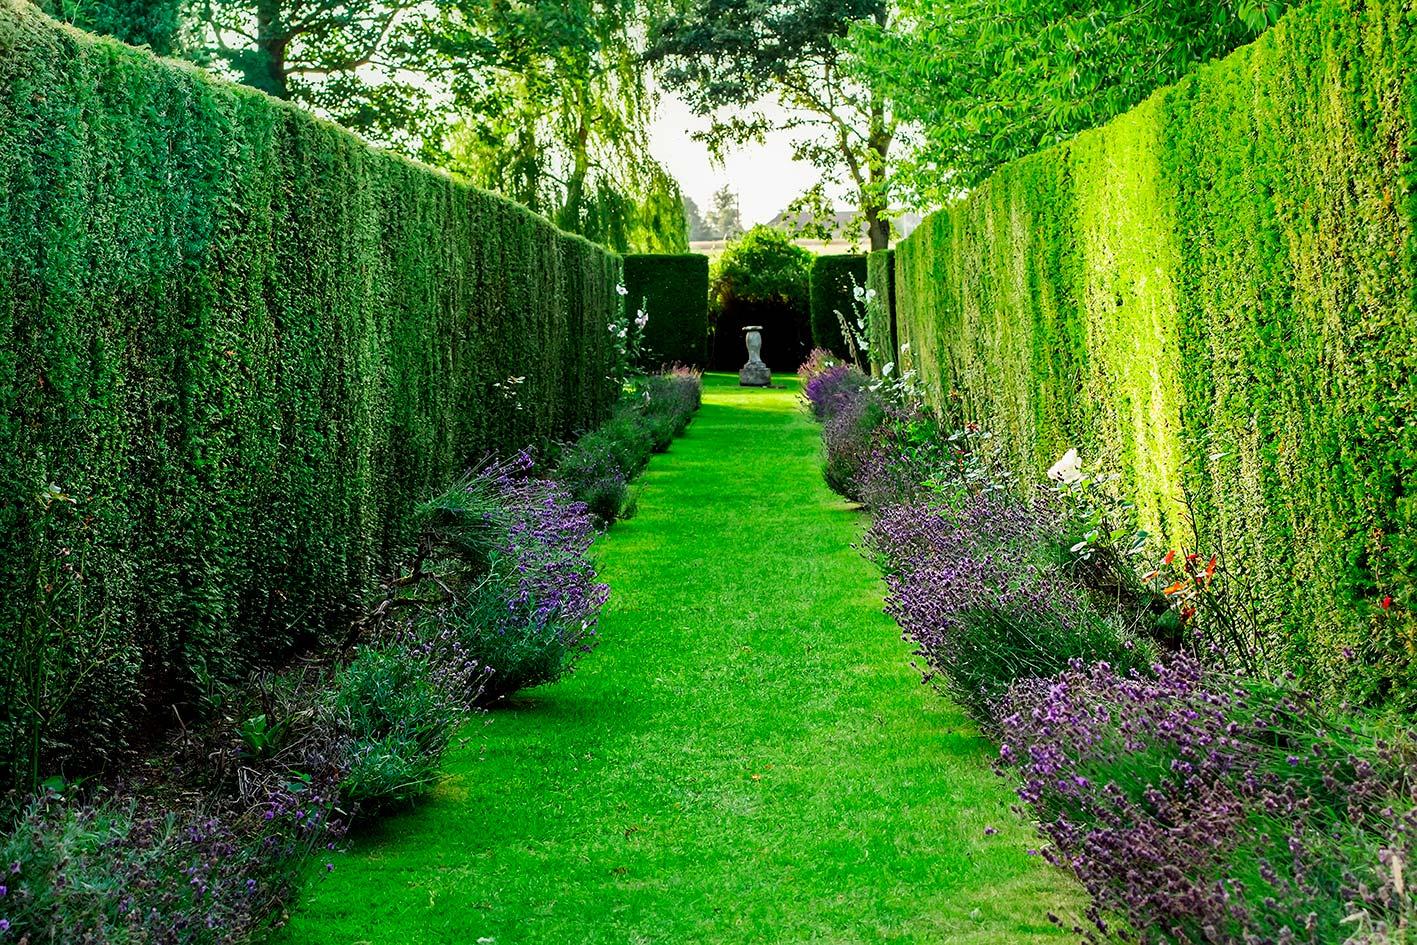 Siepi da giardino come realizzarle e renderle perfette for Piante di giardino